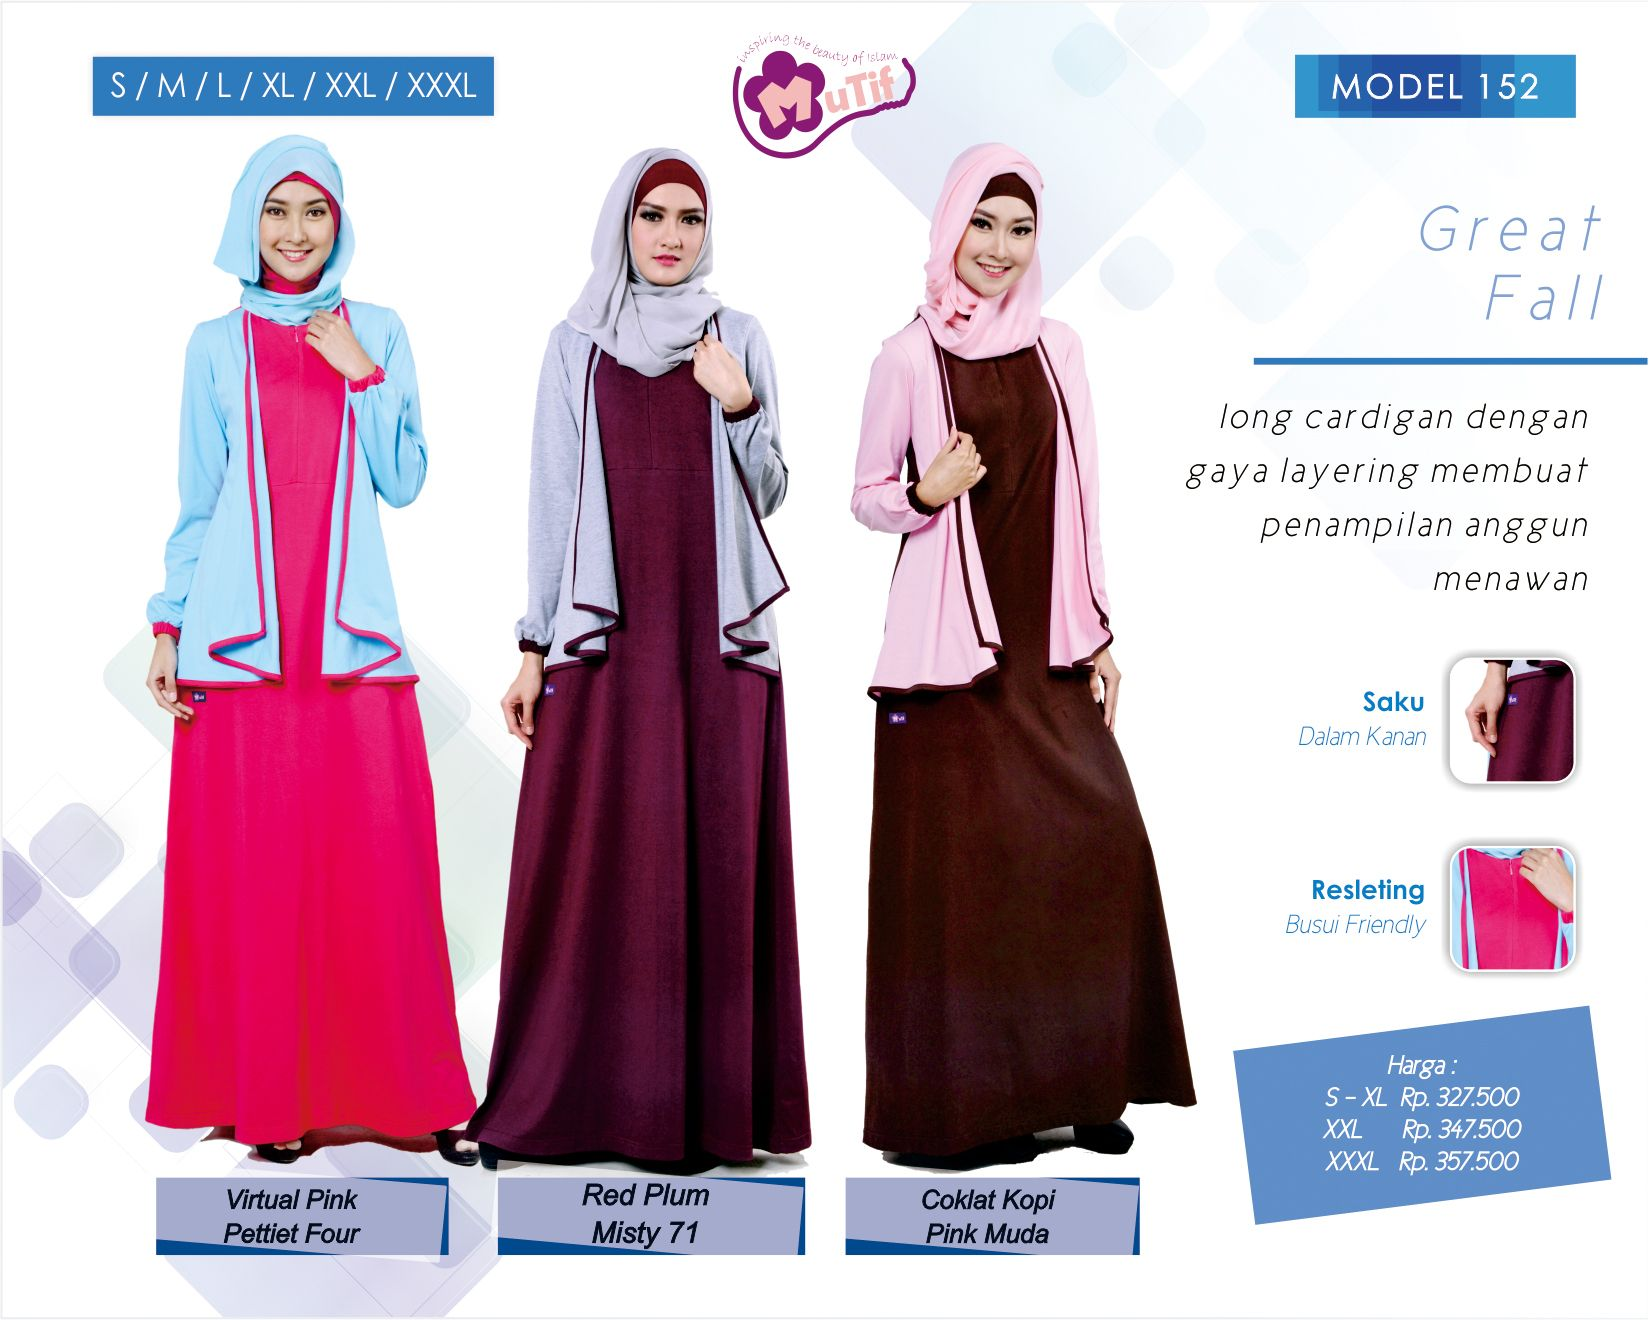 37 Ide Gamis Mutif Model Saku Gaun Formal Panjang